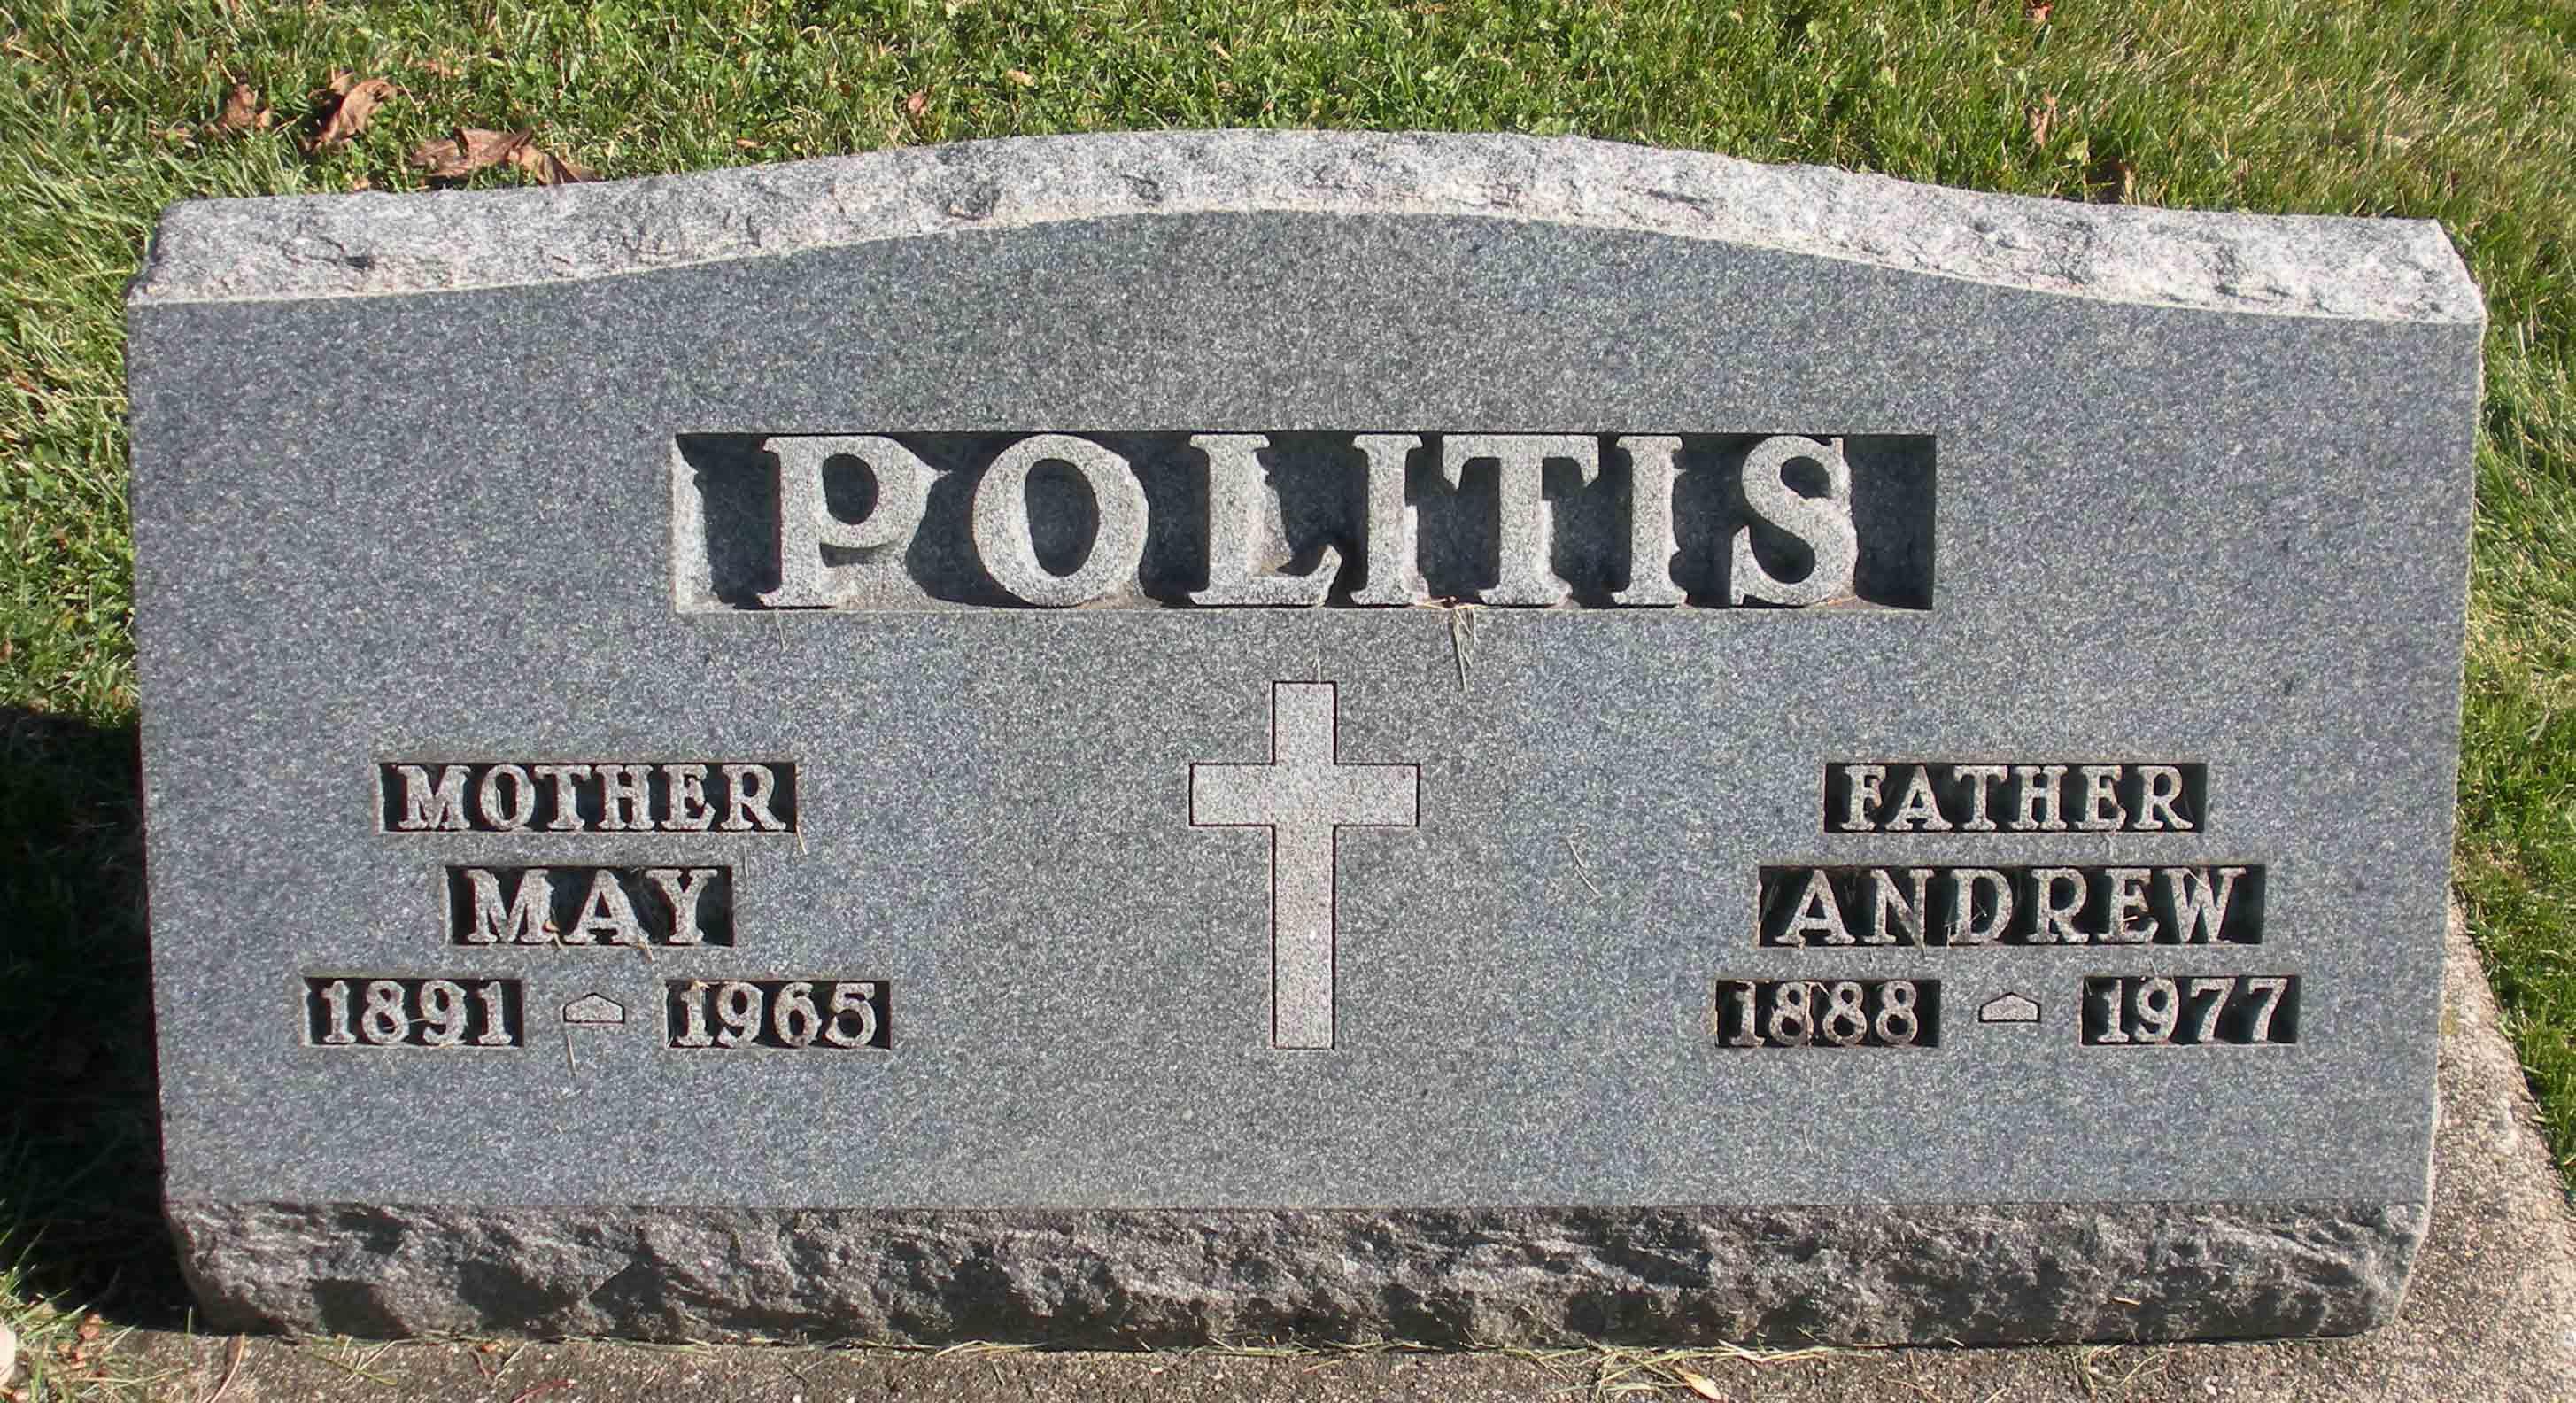 Andrew Politis